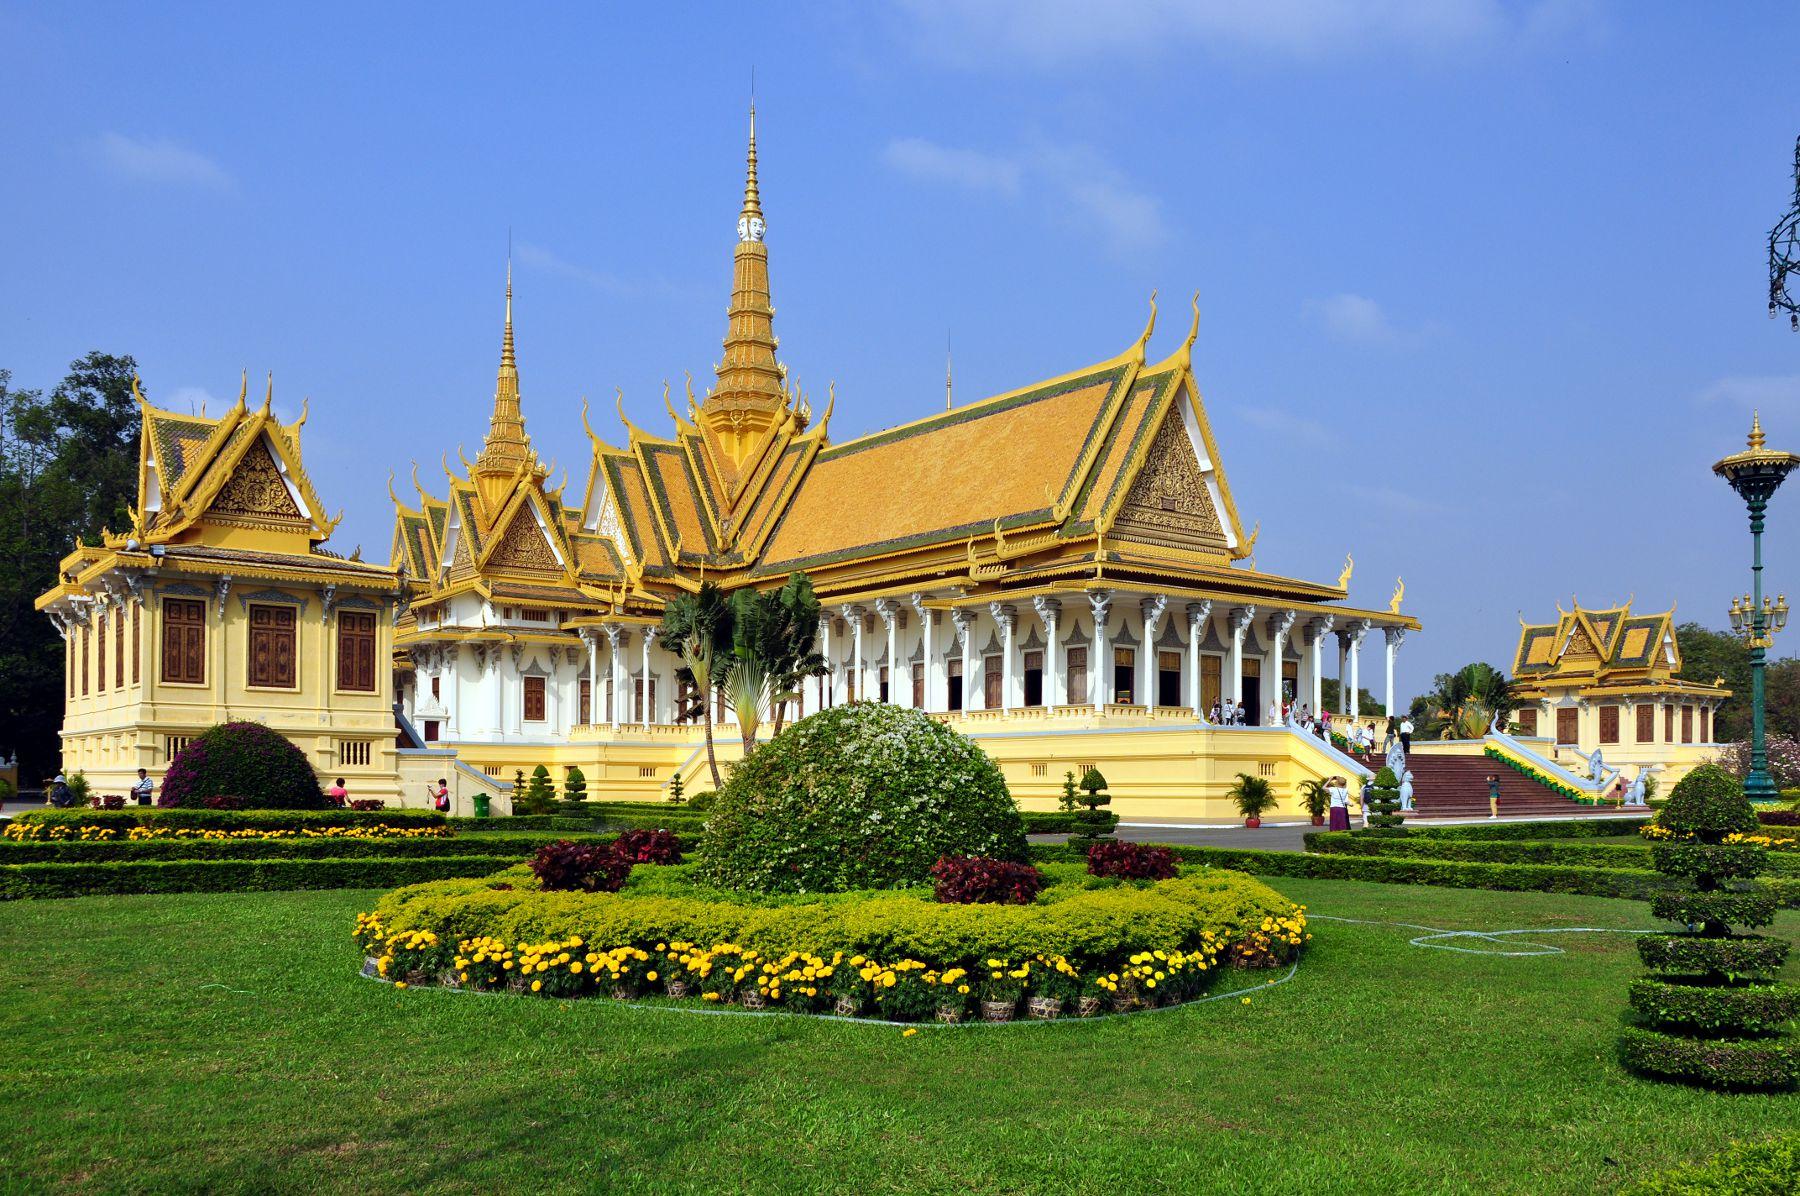 Images of Royal Palace, Phnom Penh | 1800x1196